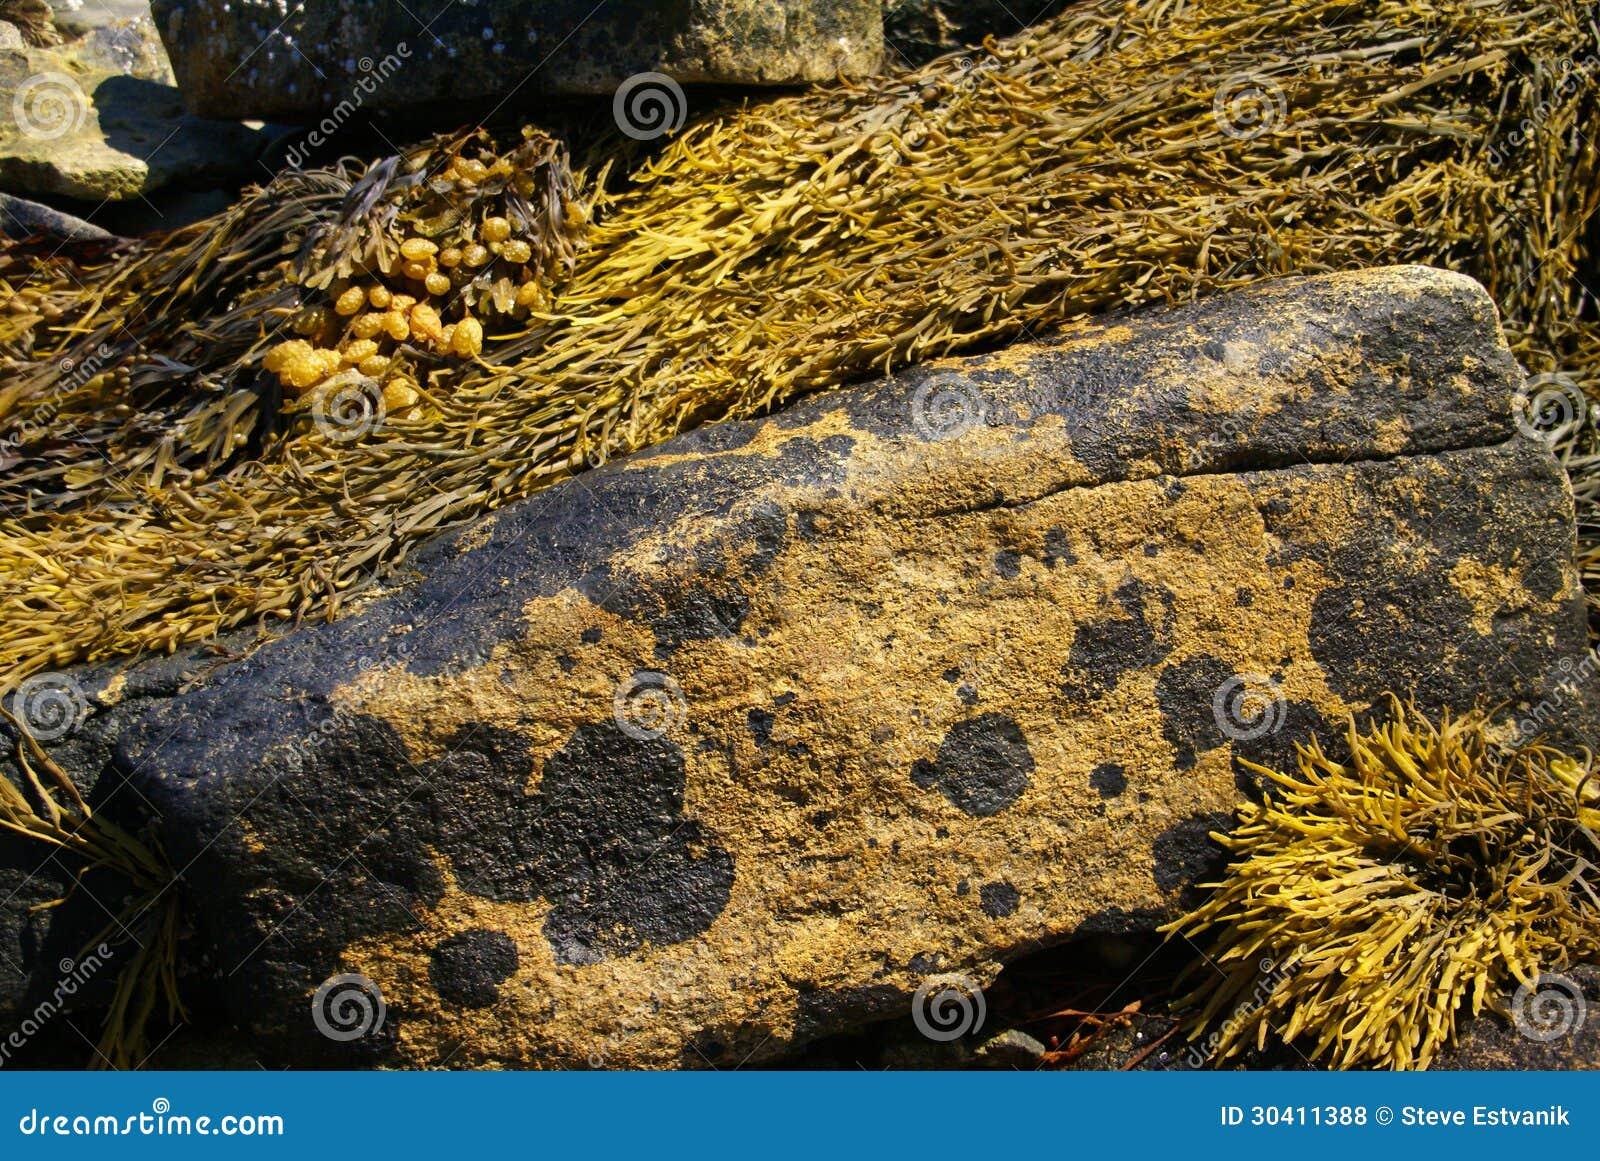 Конспект - коричневый келп на валуне гранита